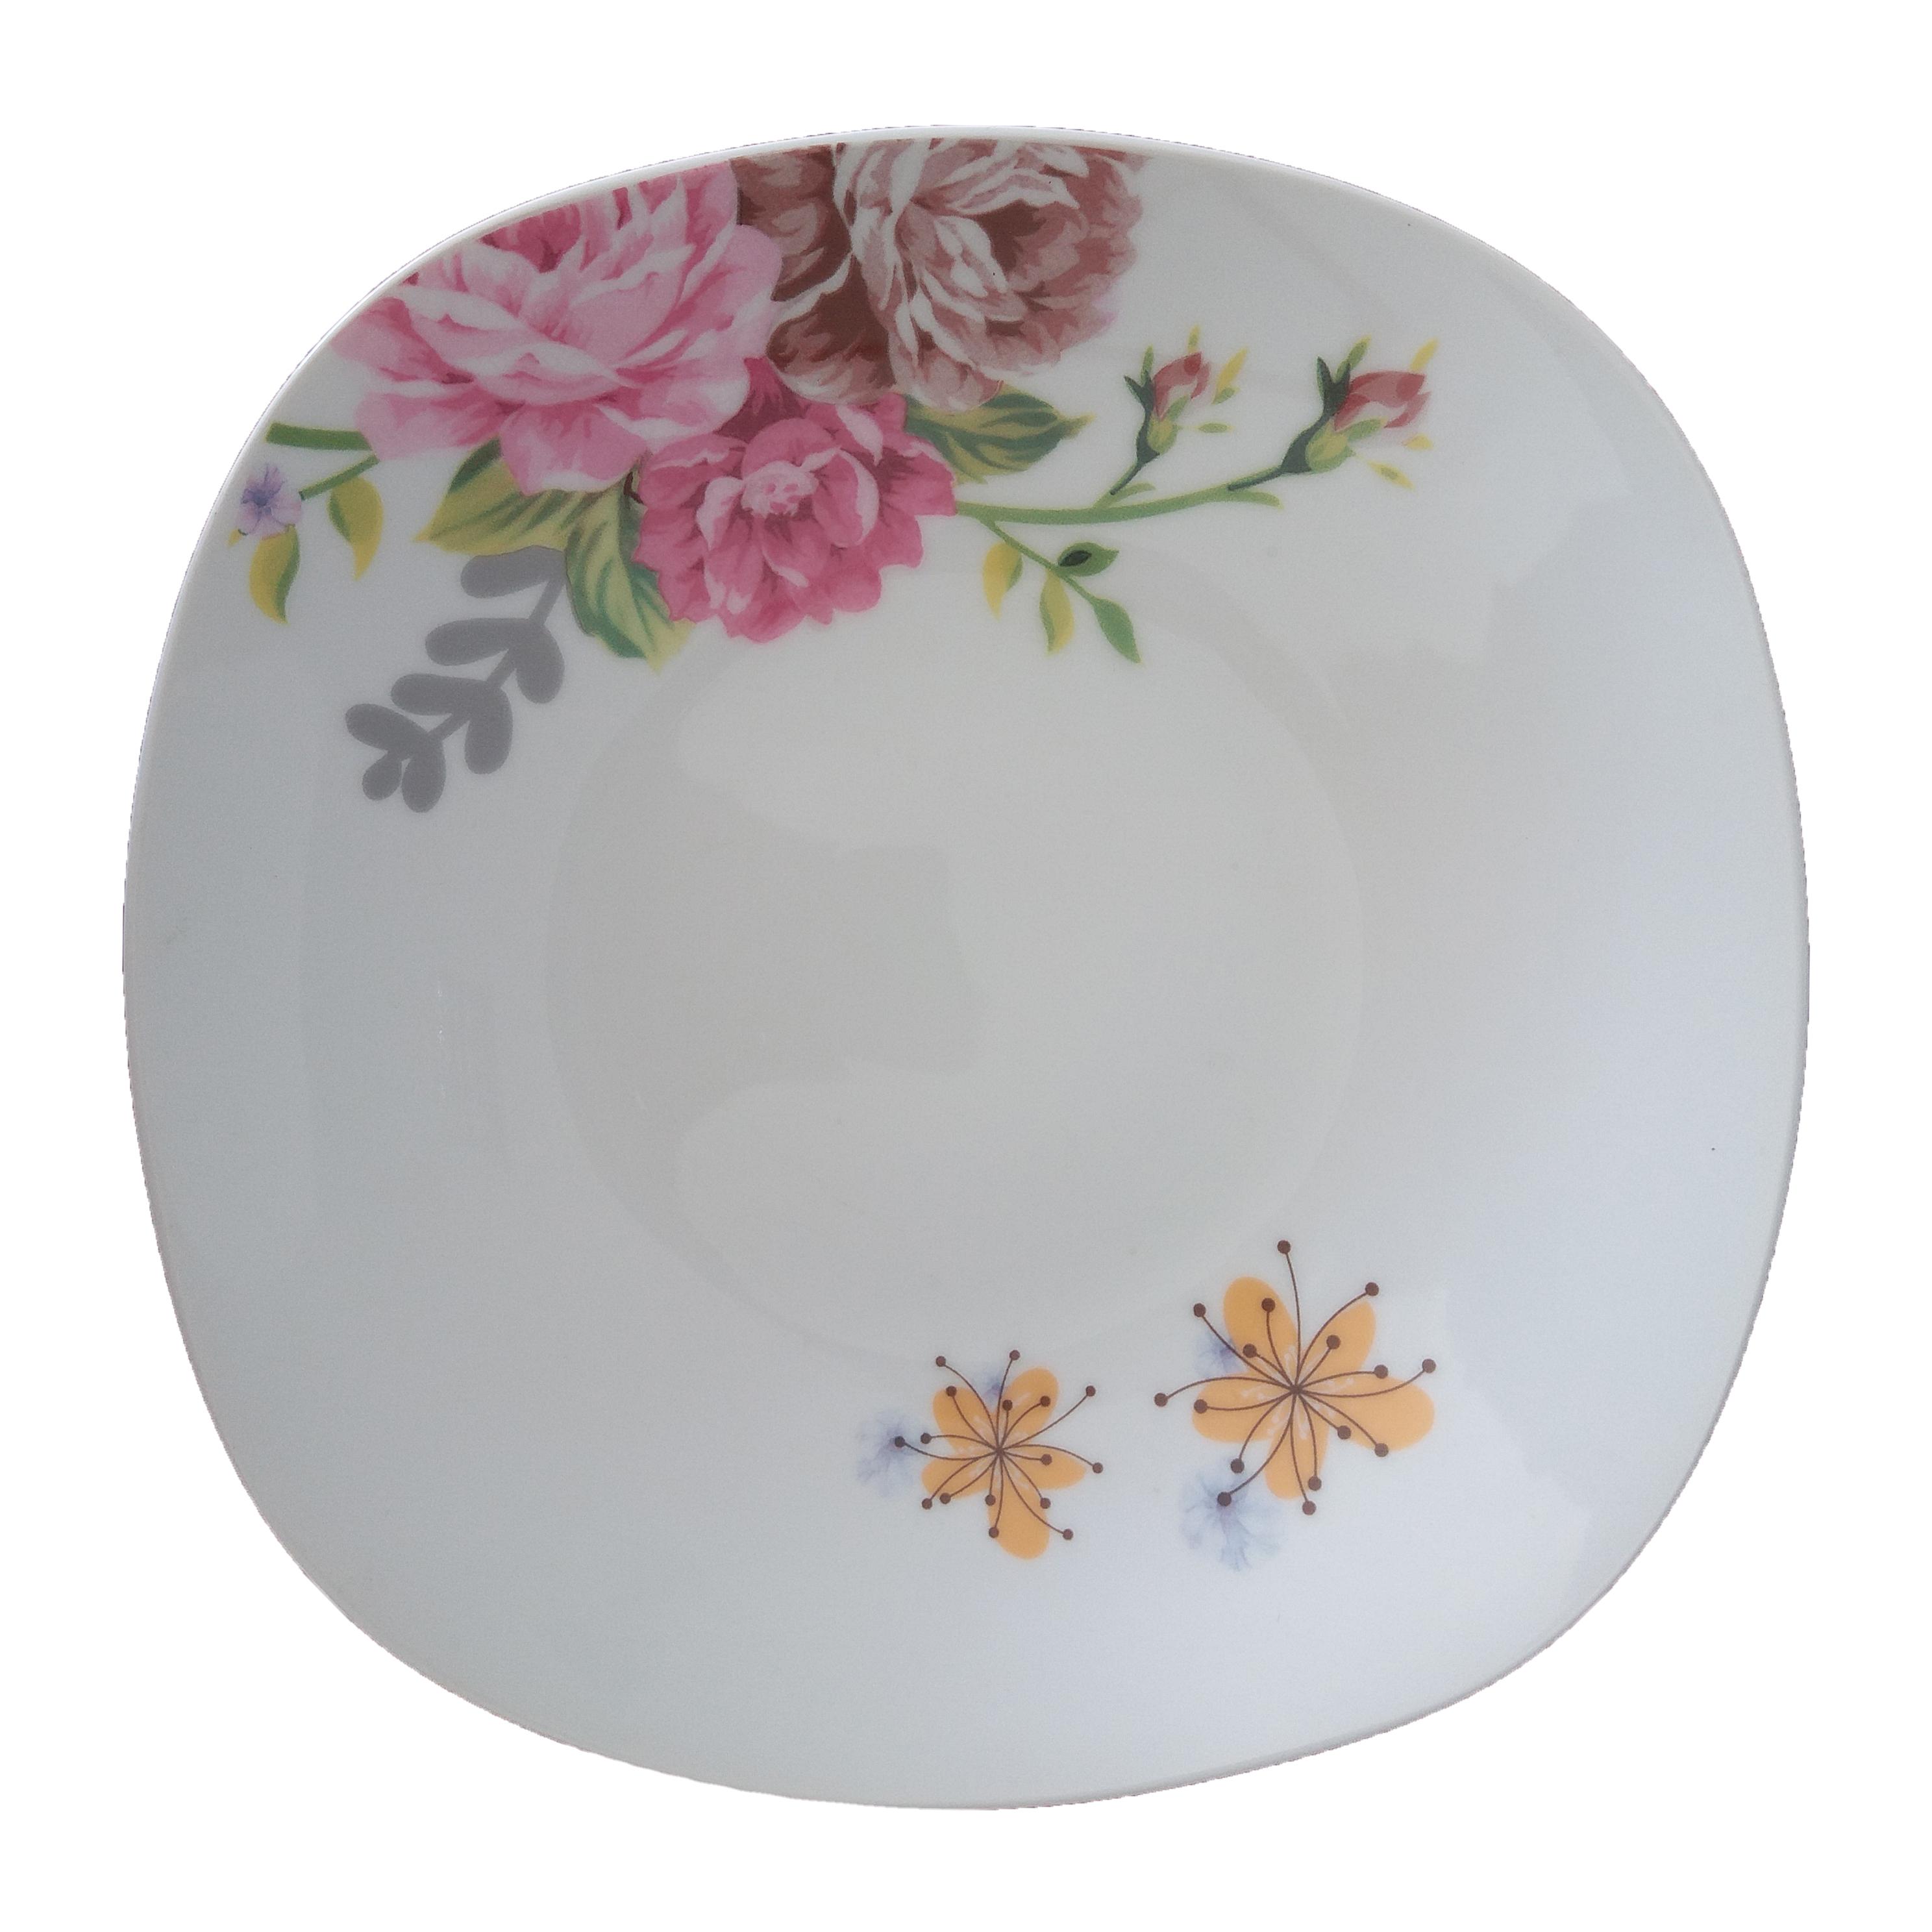 Service d'assiettes à soupe carrées en céramique et porcelaine, vaisselle de assiettes pour soupe et vaisselle de 9 pouces